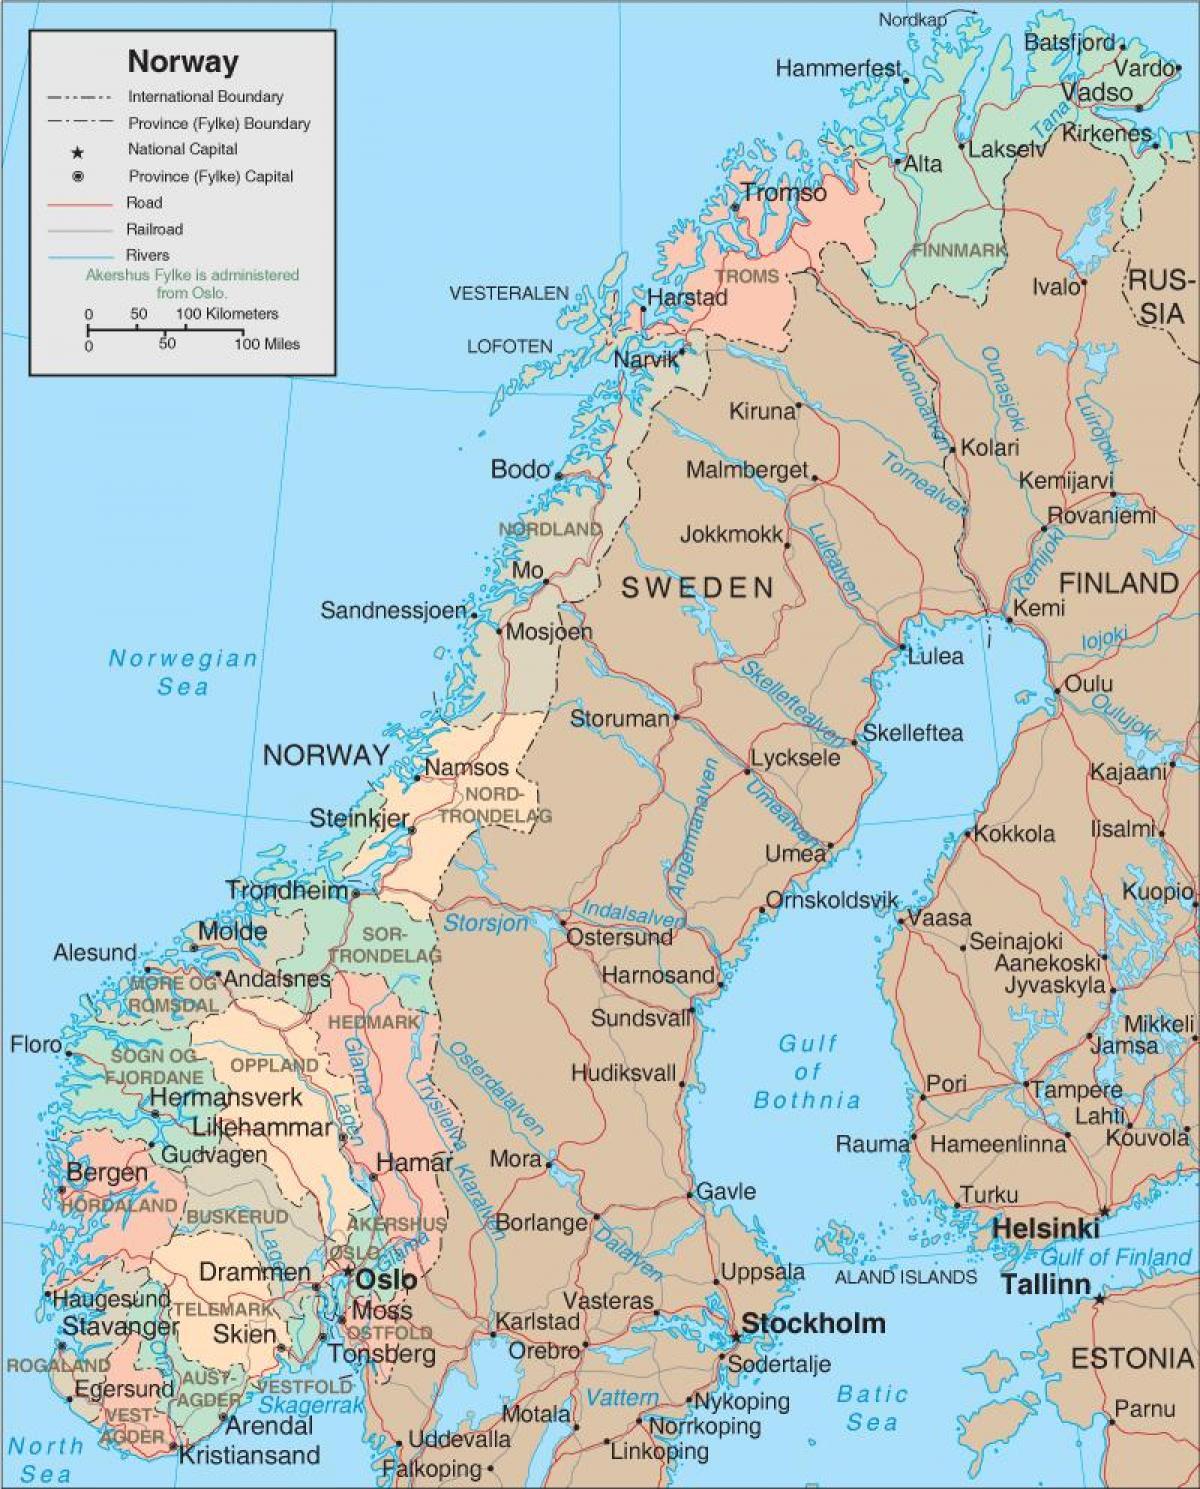 Norge Fosser Kart Kart Over Norge Fosser Northern Europe Europe